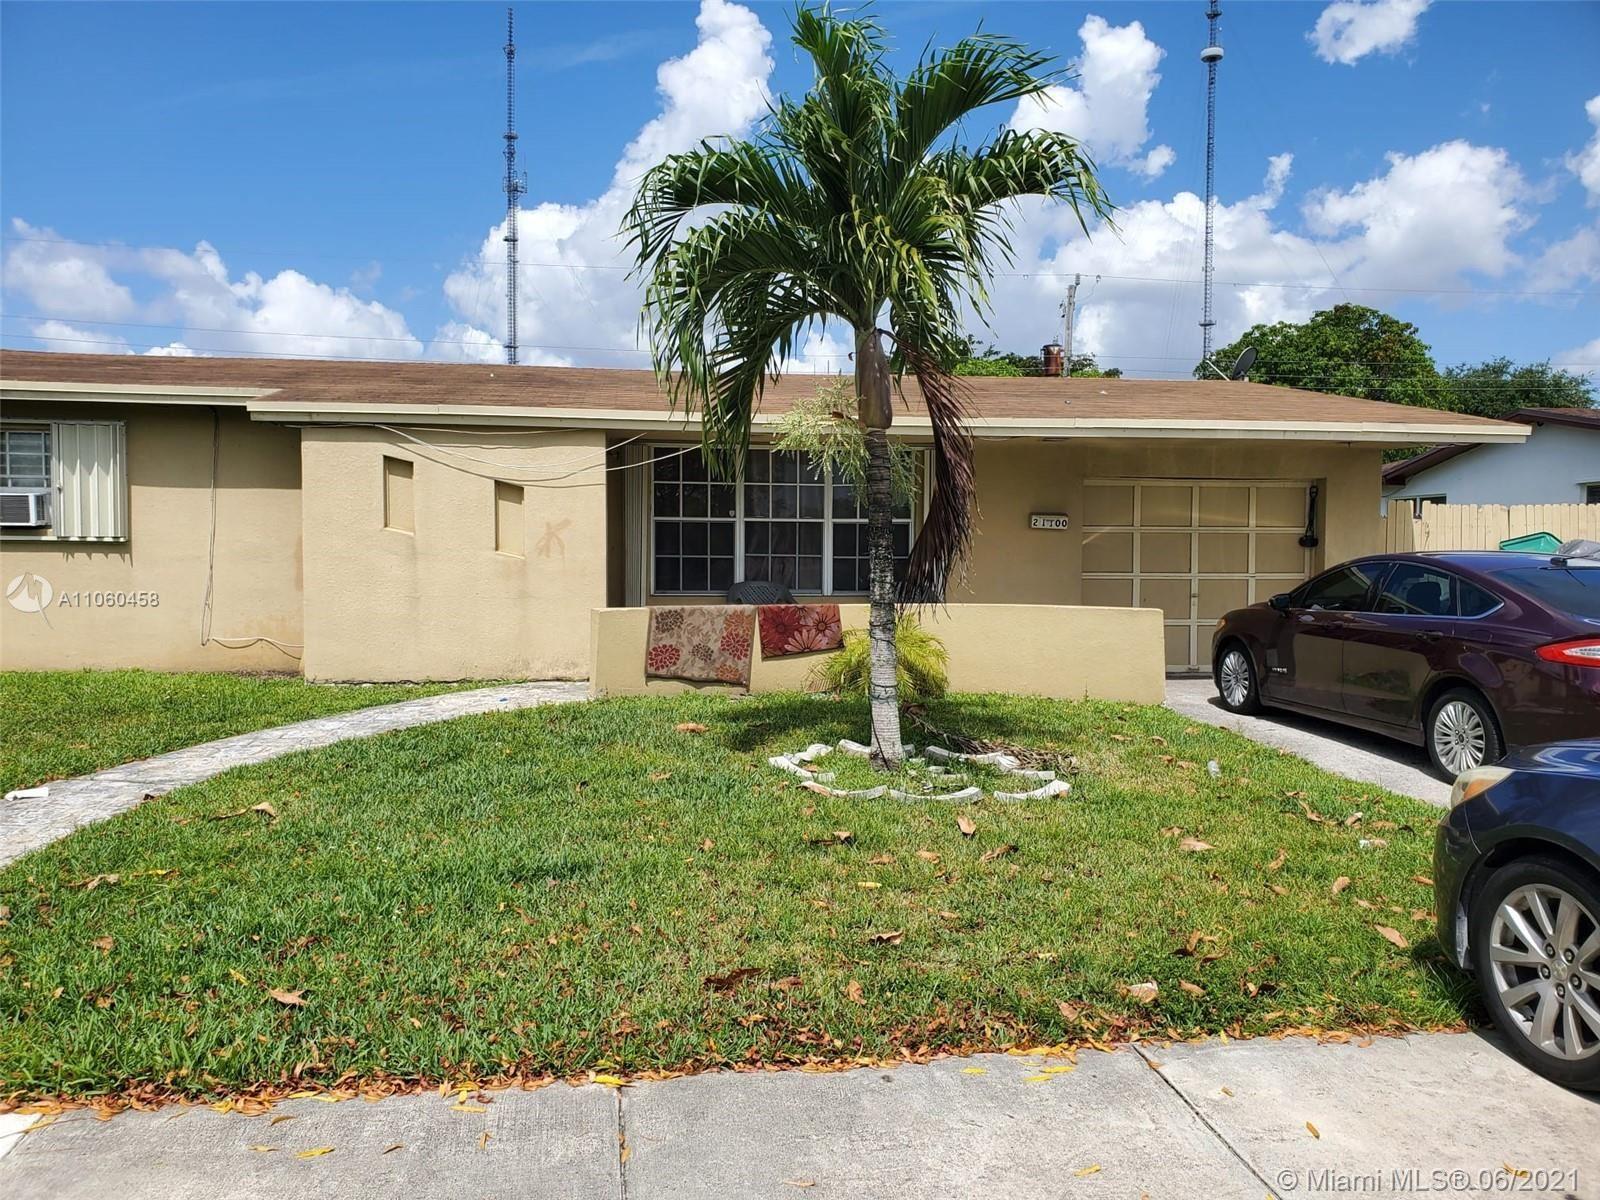 21100 N Miami Ave, Miami Gardens, FL 33169 - #: A11060458